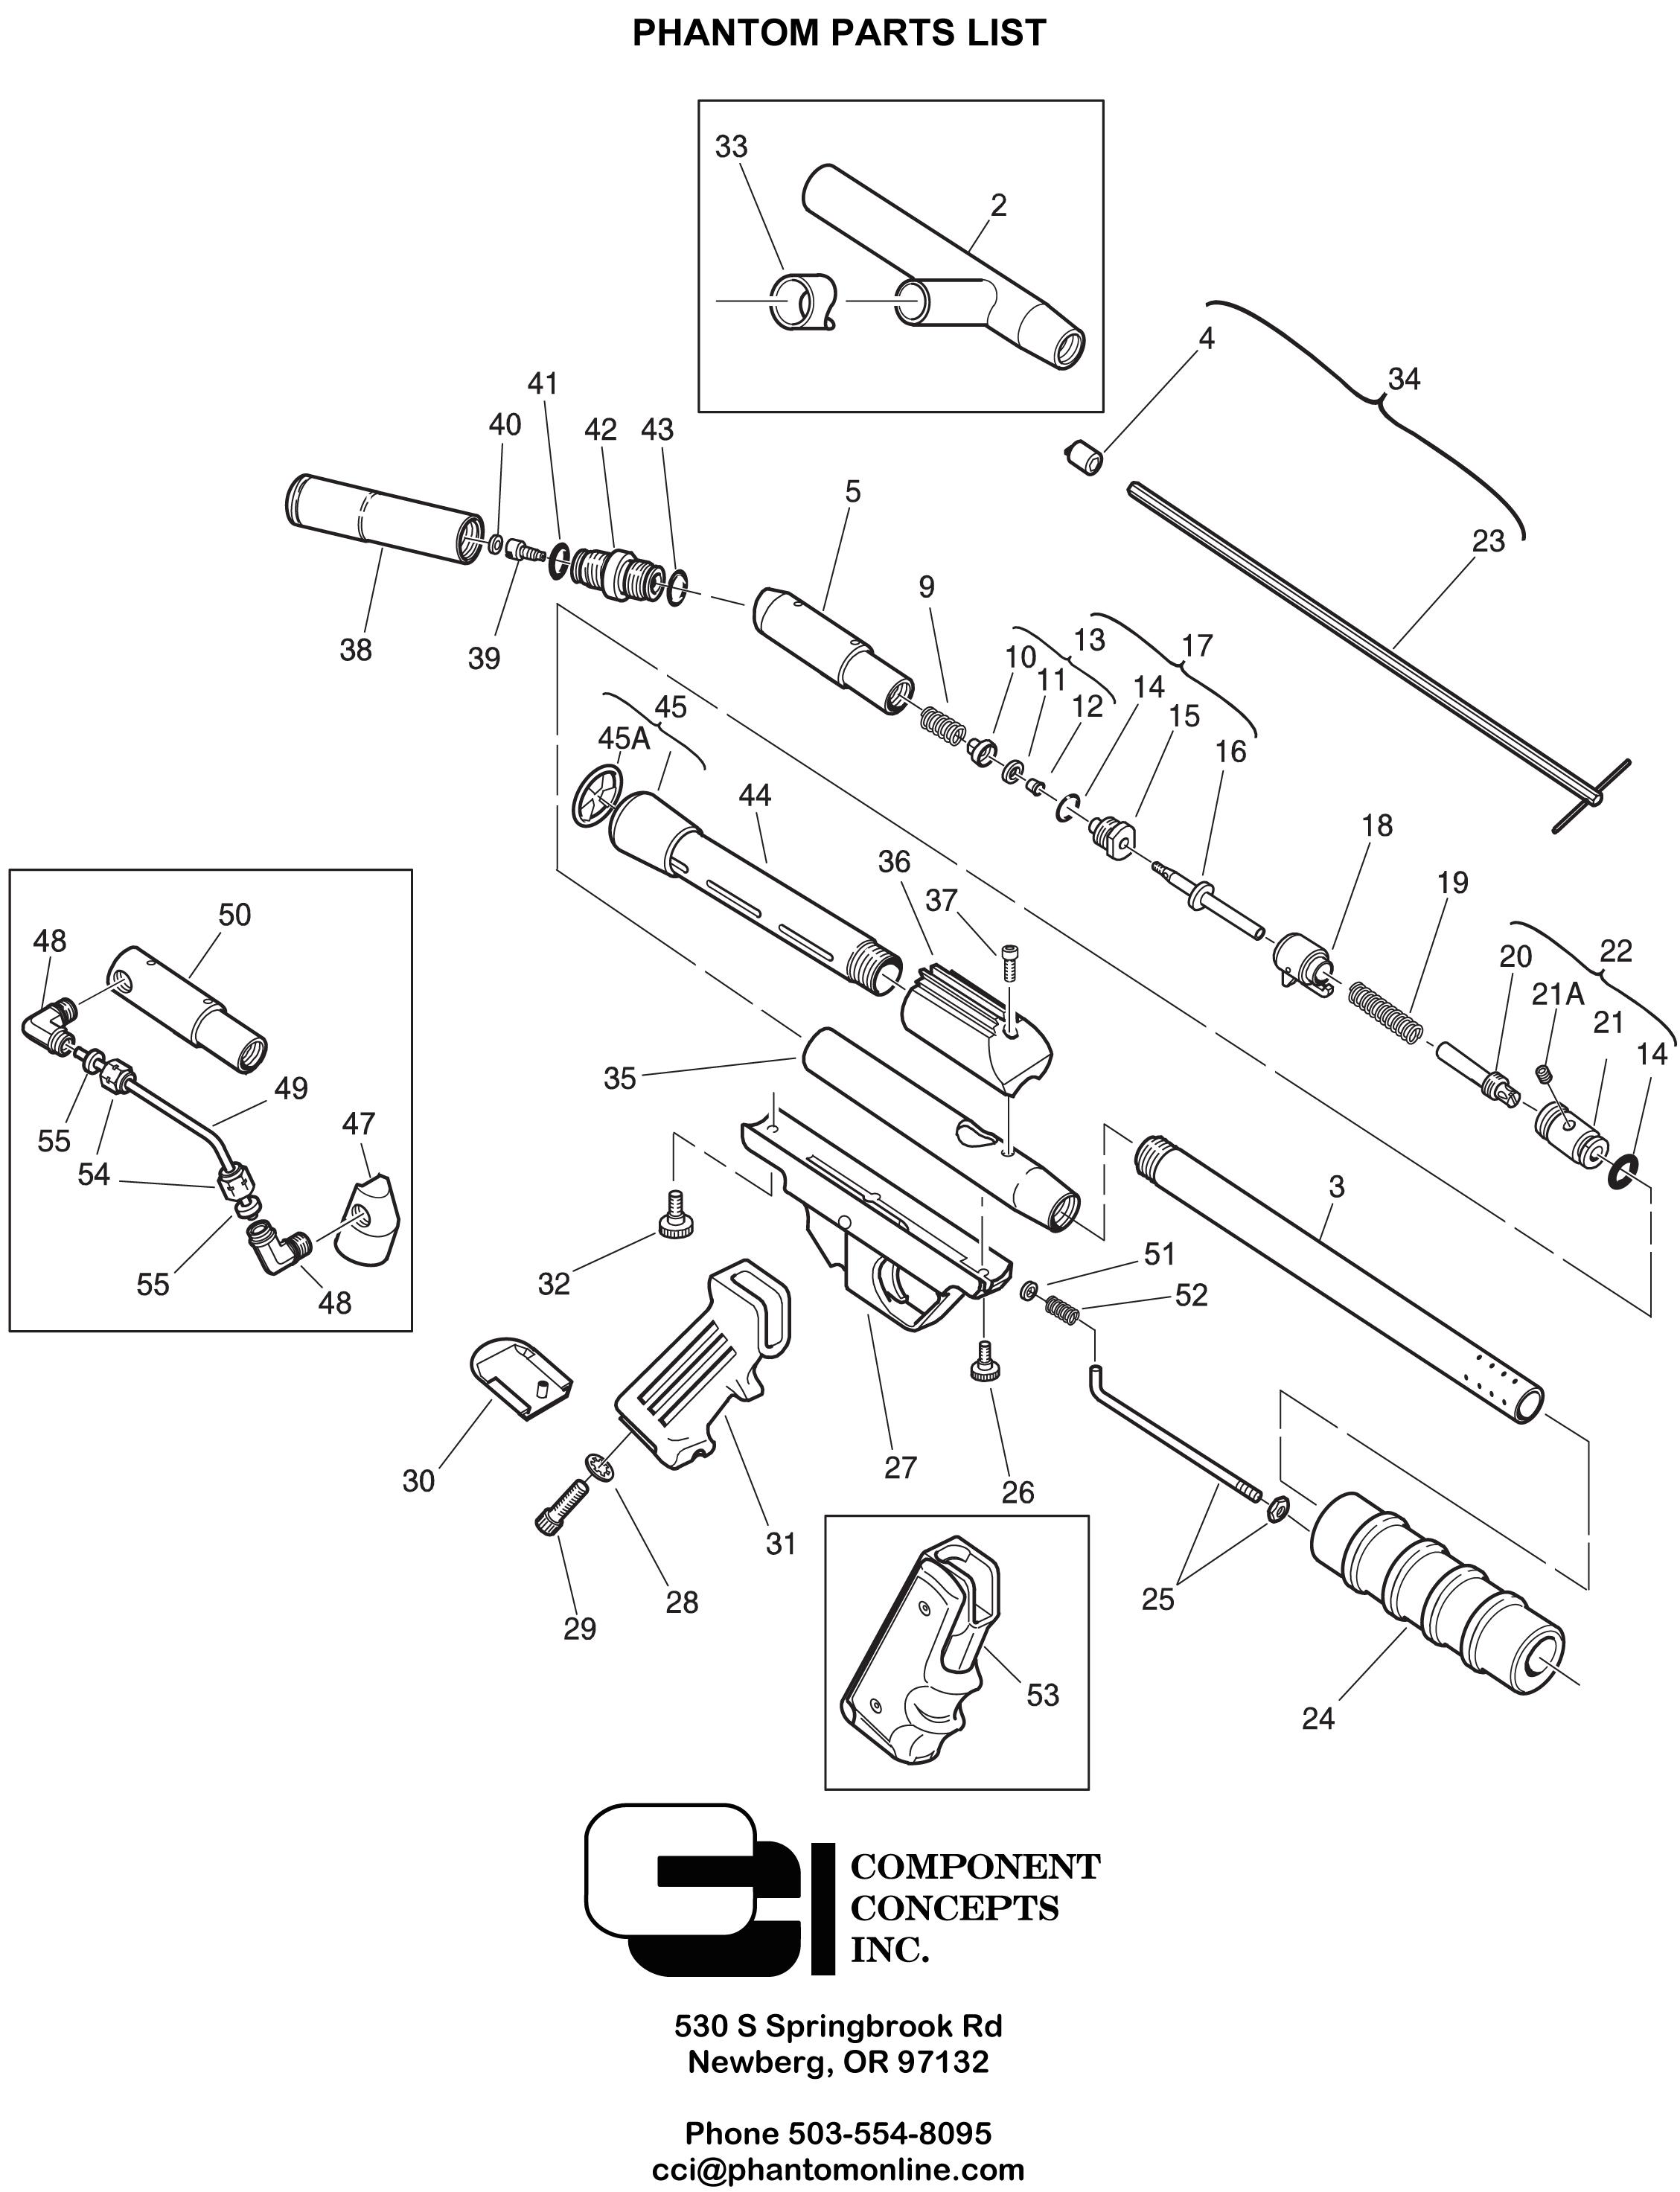 Vertical Air Adapter w/Screws